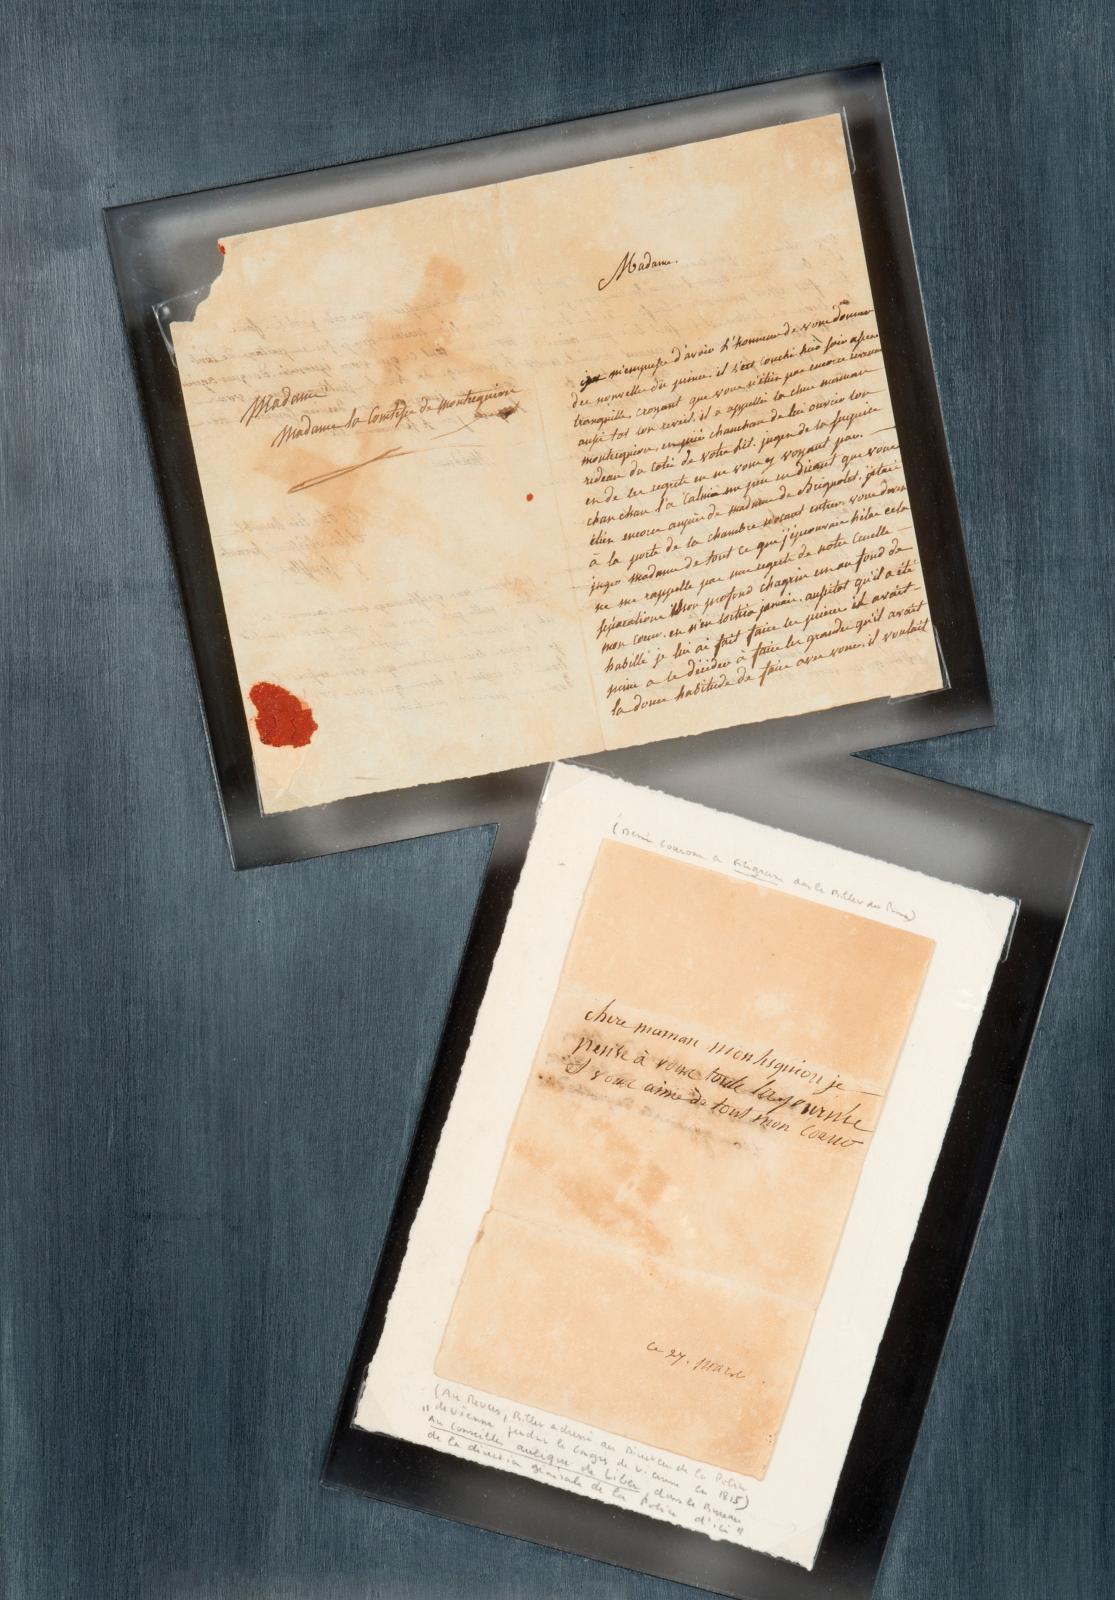 «Chère maman Montesquiou je pense à vous toute la journée et vous aime de tout mon cœur»… En mars 1815, l'Empereur, qui a quitté l'îled'Elbe, entame